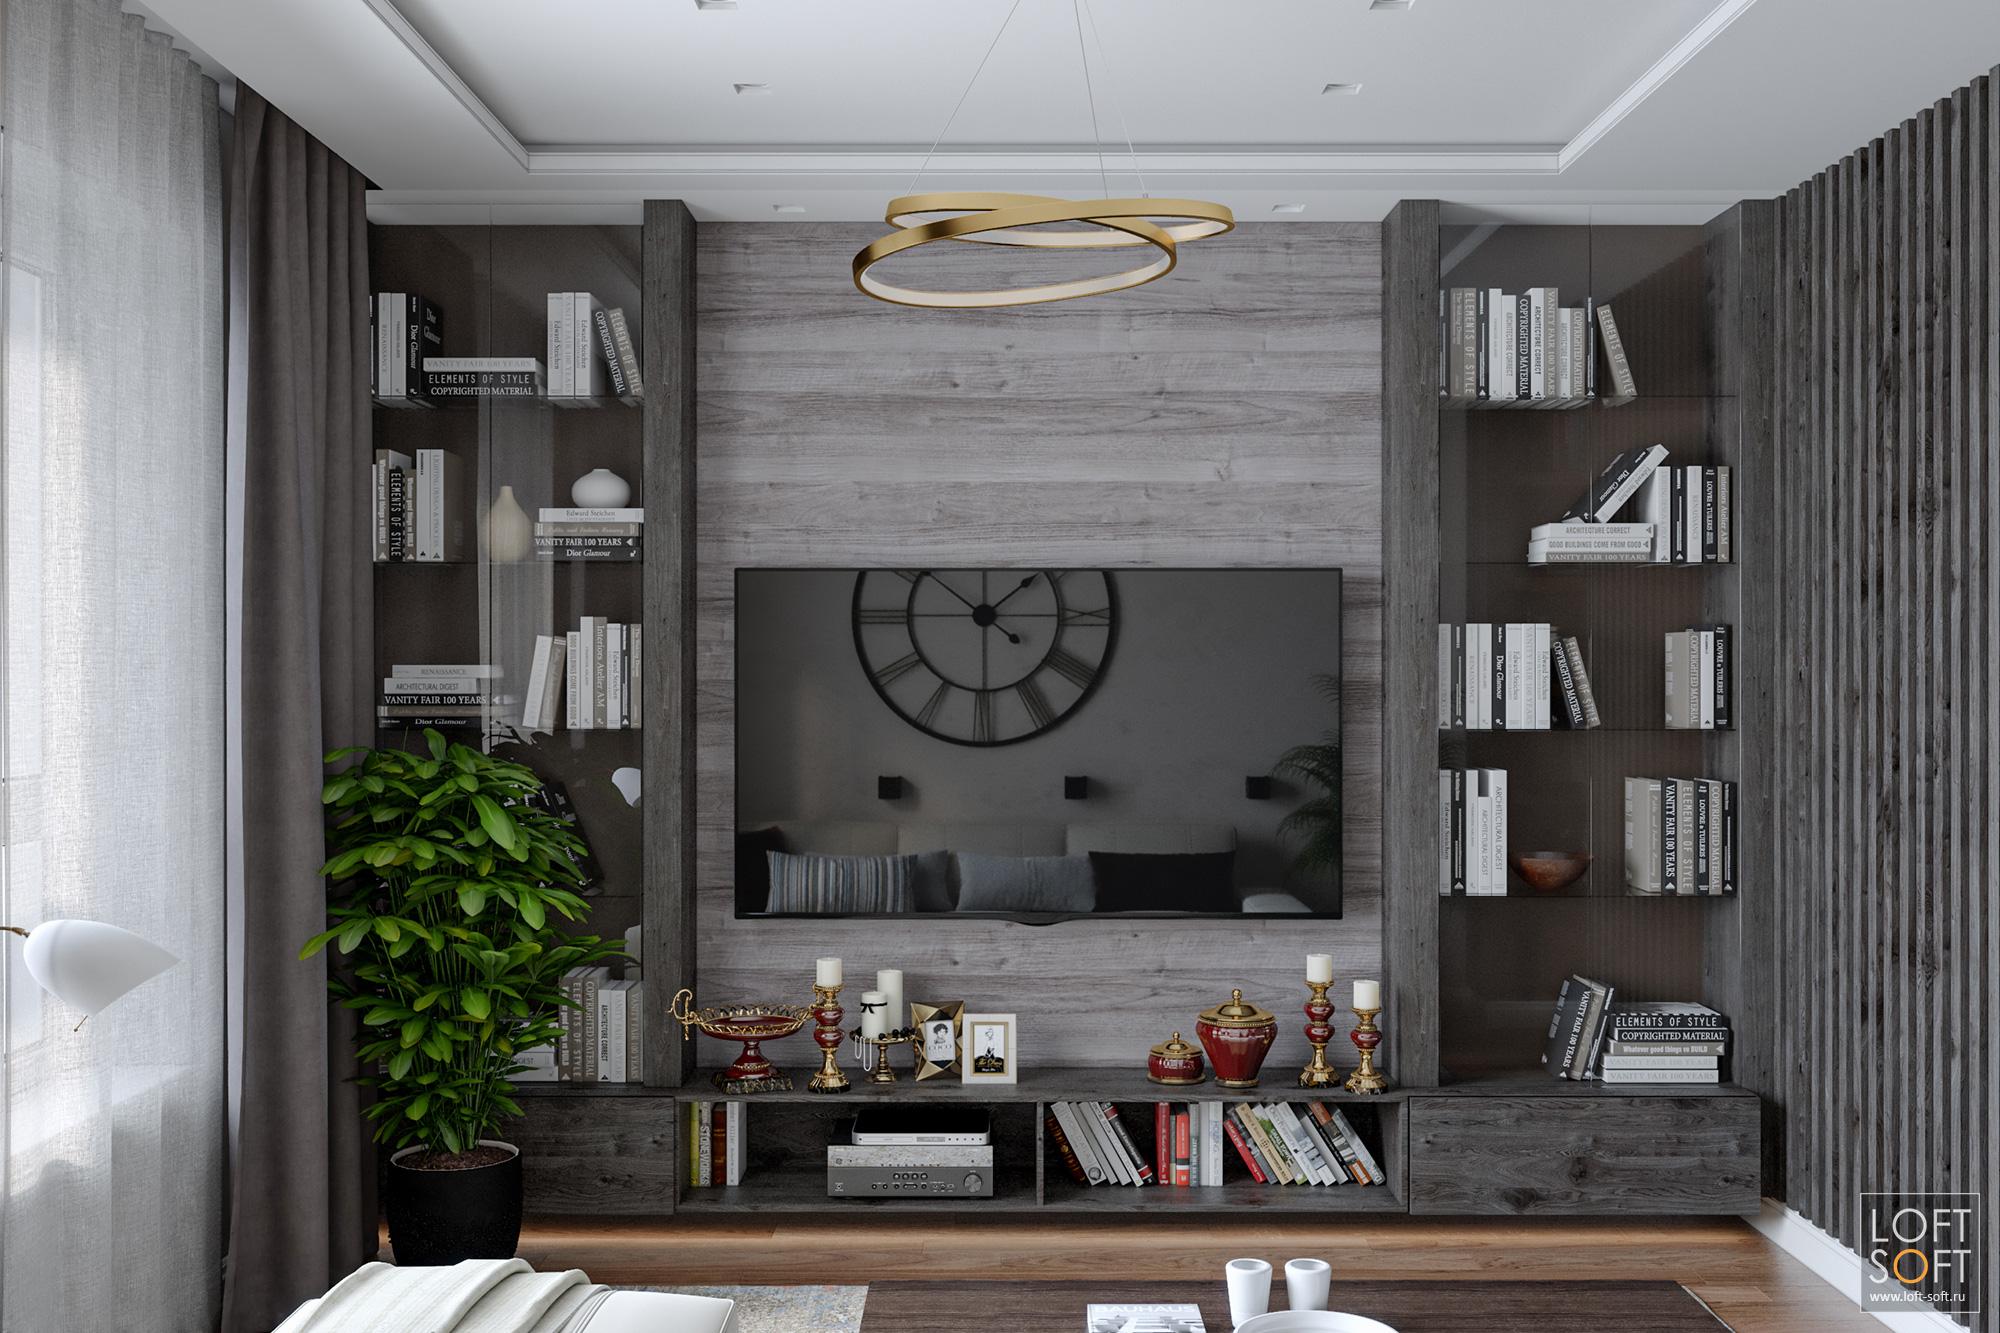 Шпонированные обои всовременном интерьере гостиной, витрины винтерьере